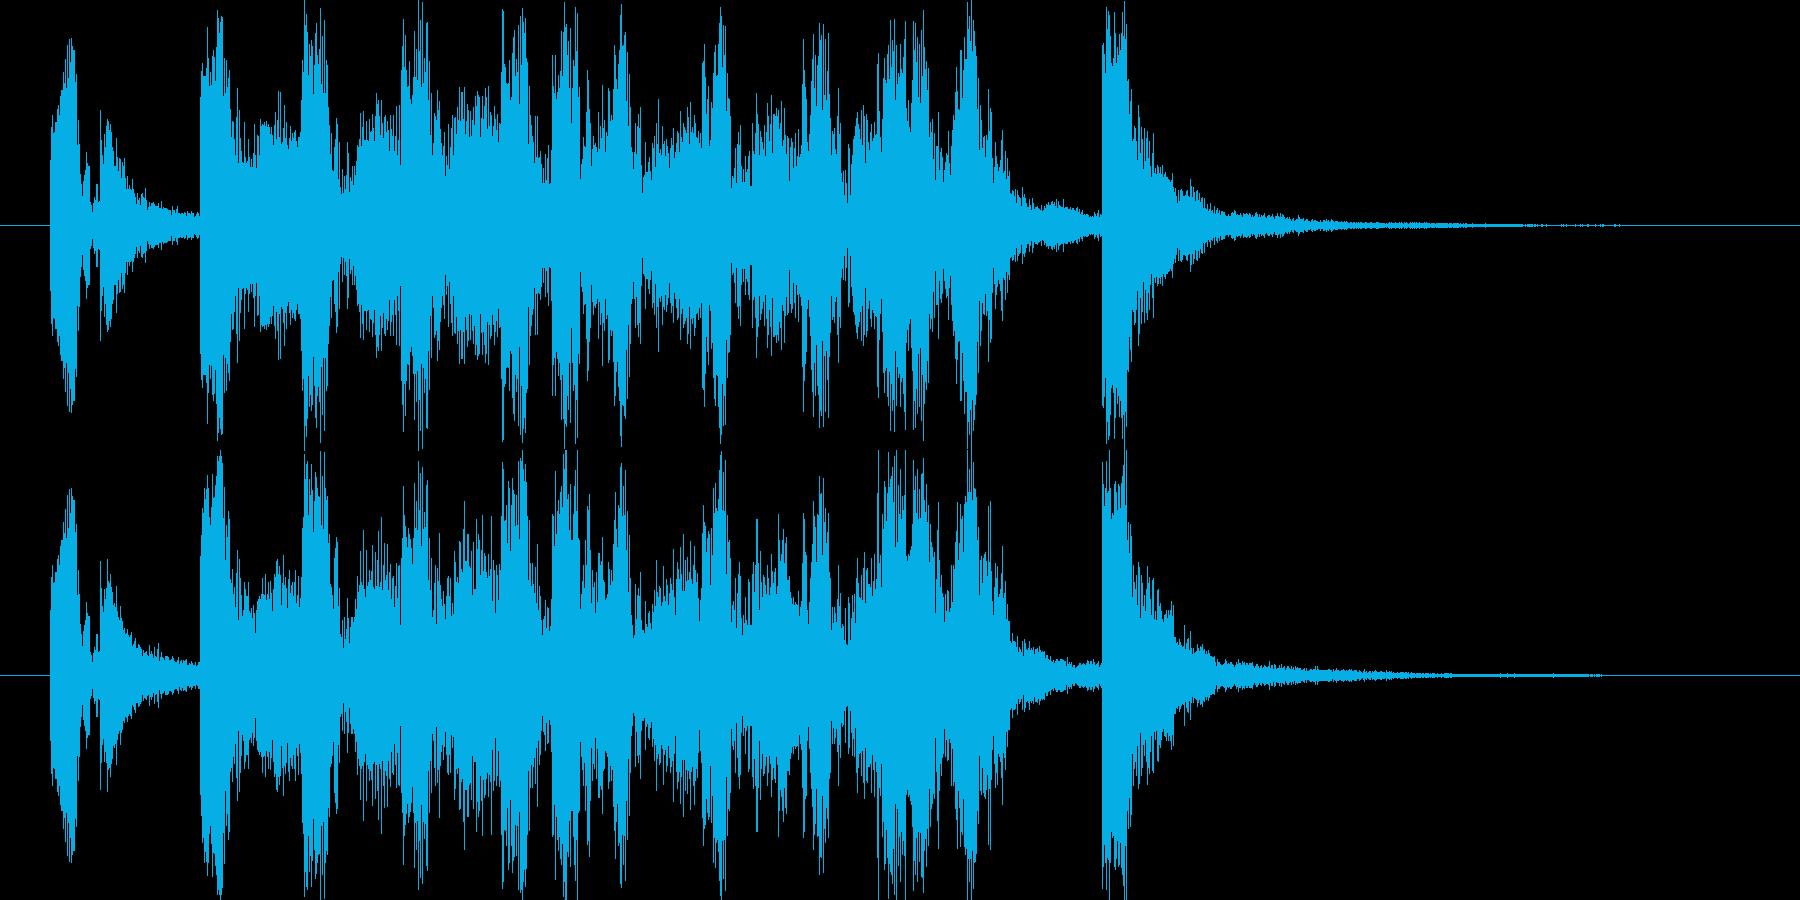 ポップな4つ打ち系ジングル(5秒版)の再生済みの波形